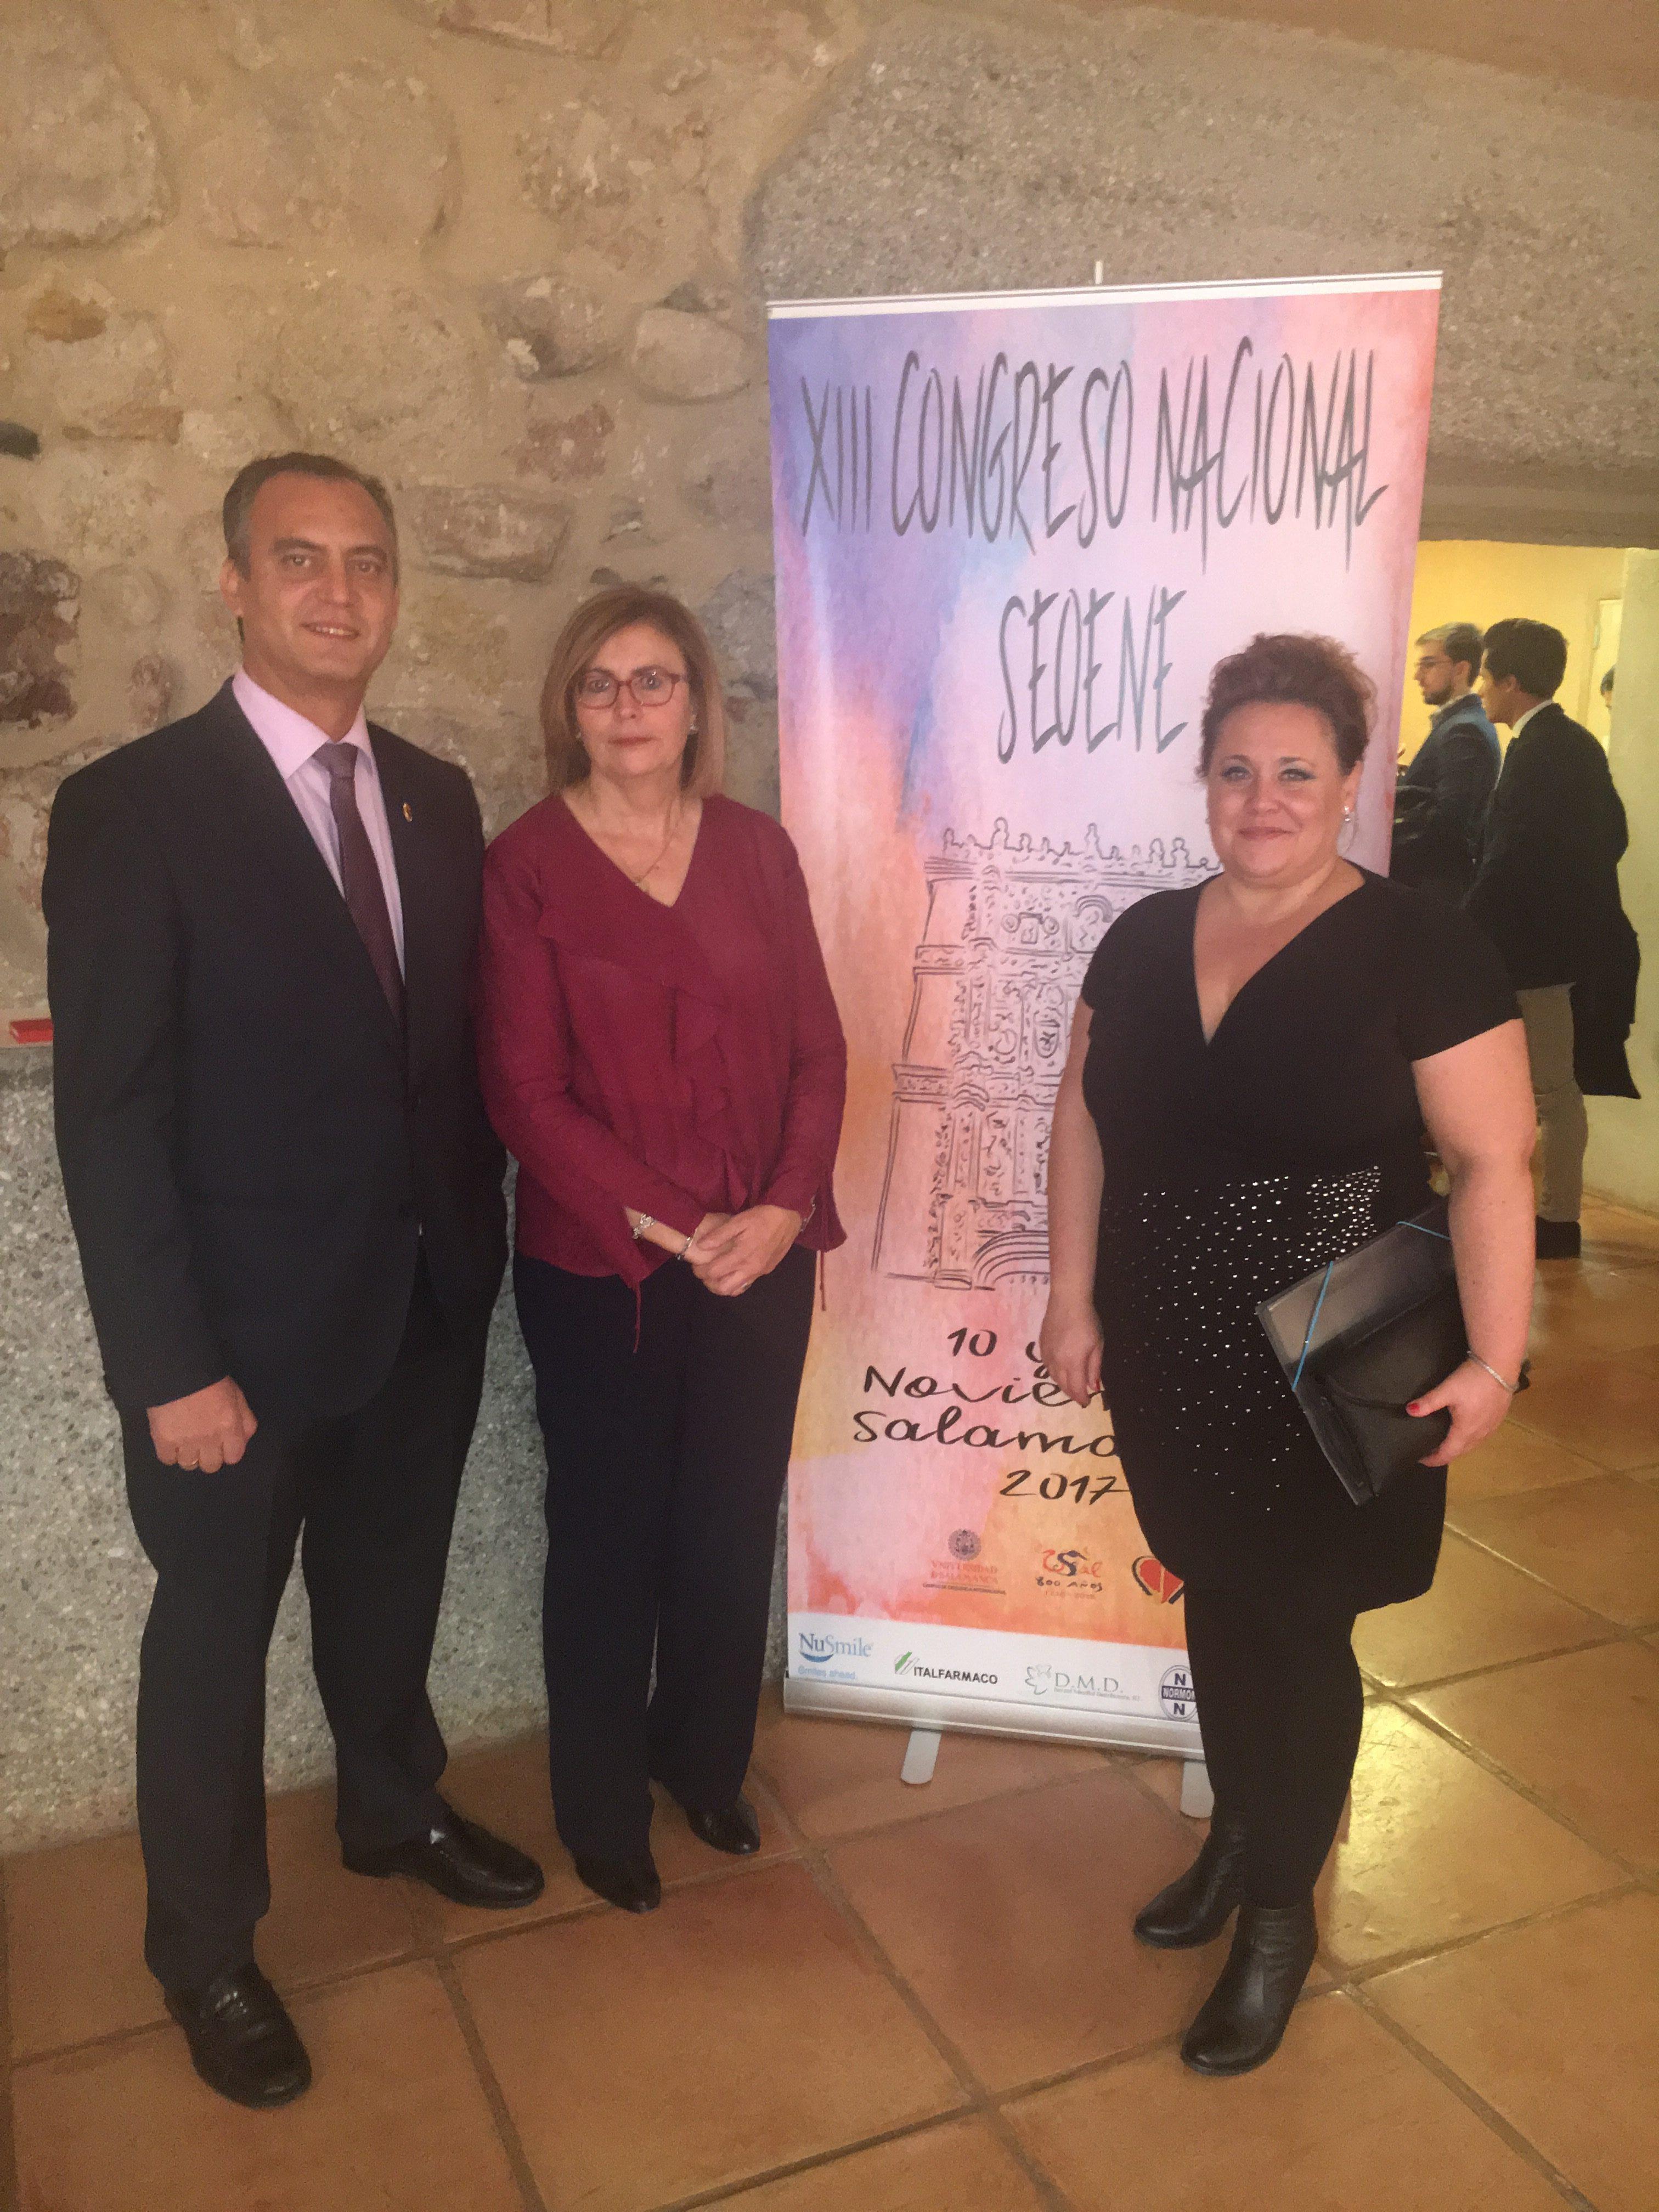 Aspace CyL participa en el Congreso SEOENE, donde la Junta de Castilla y León anunció la puesta en marcha de una unidad de referencia regional en salud  bucodental